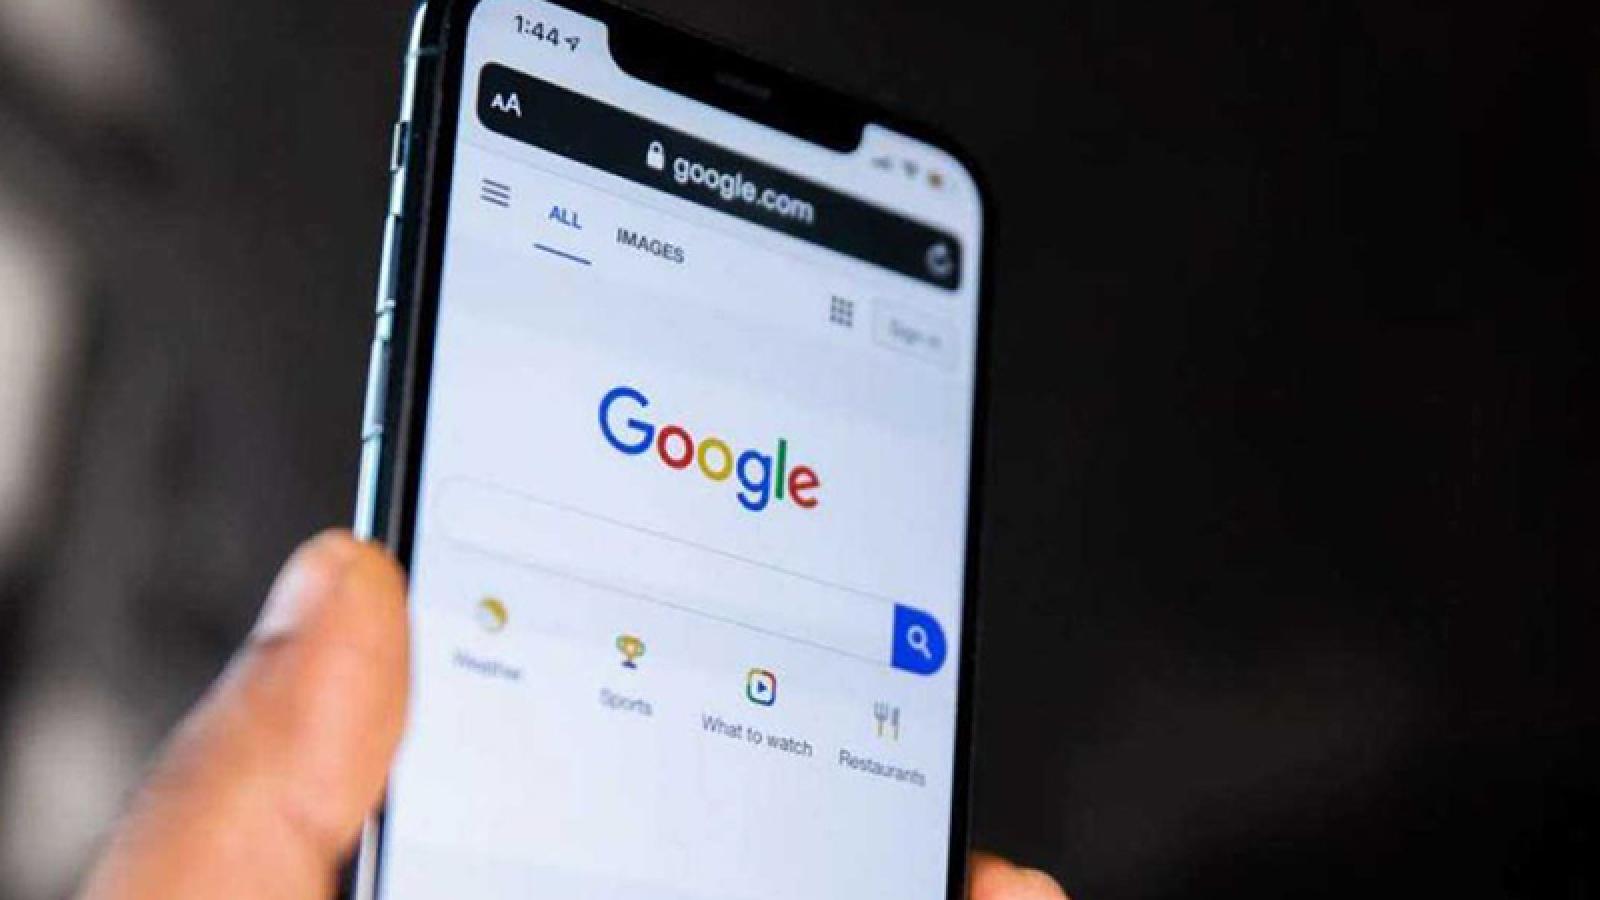 Nhiều người dùng Android tại Việt Nam gặp lỗi lạ với ứng dụng Google